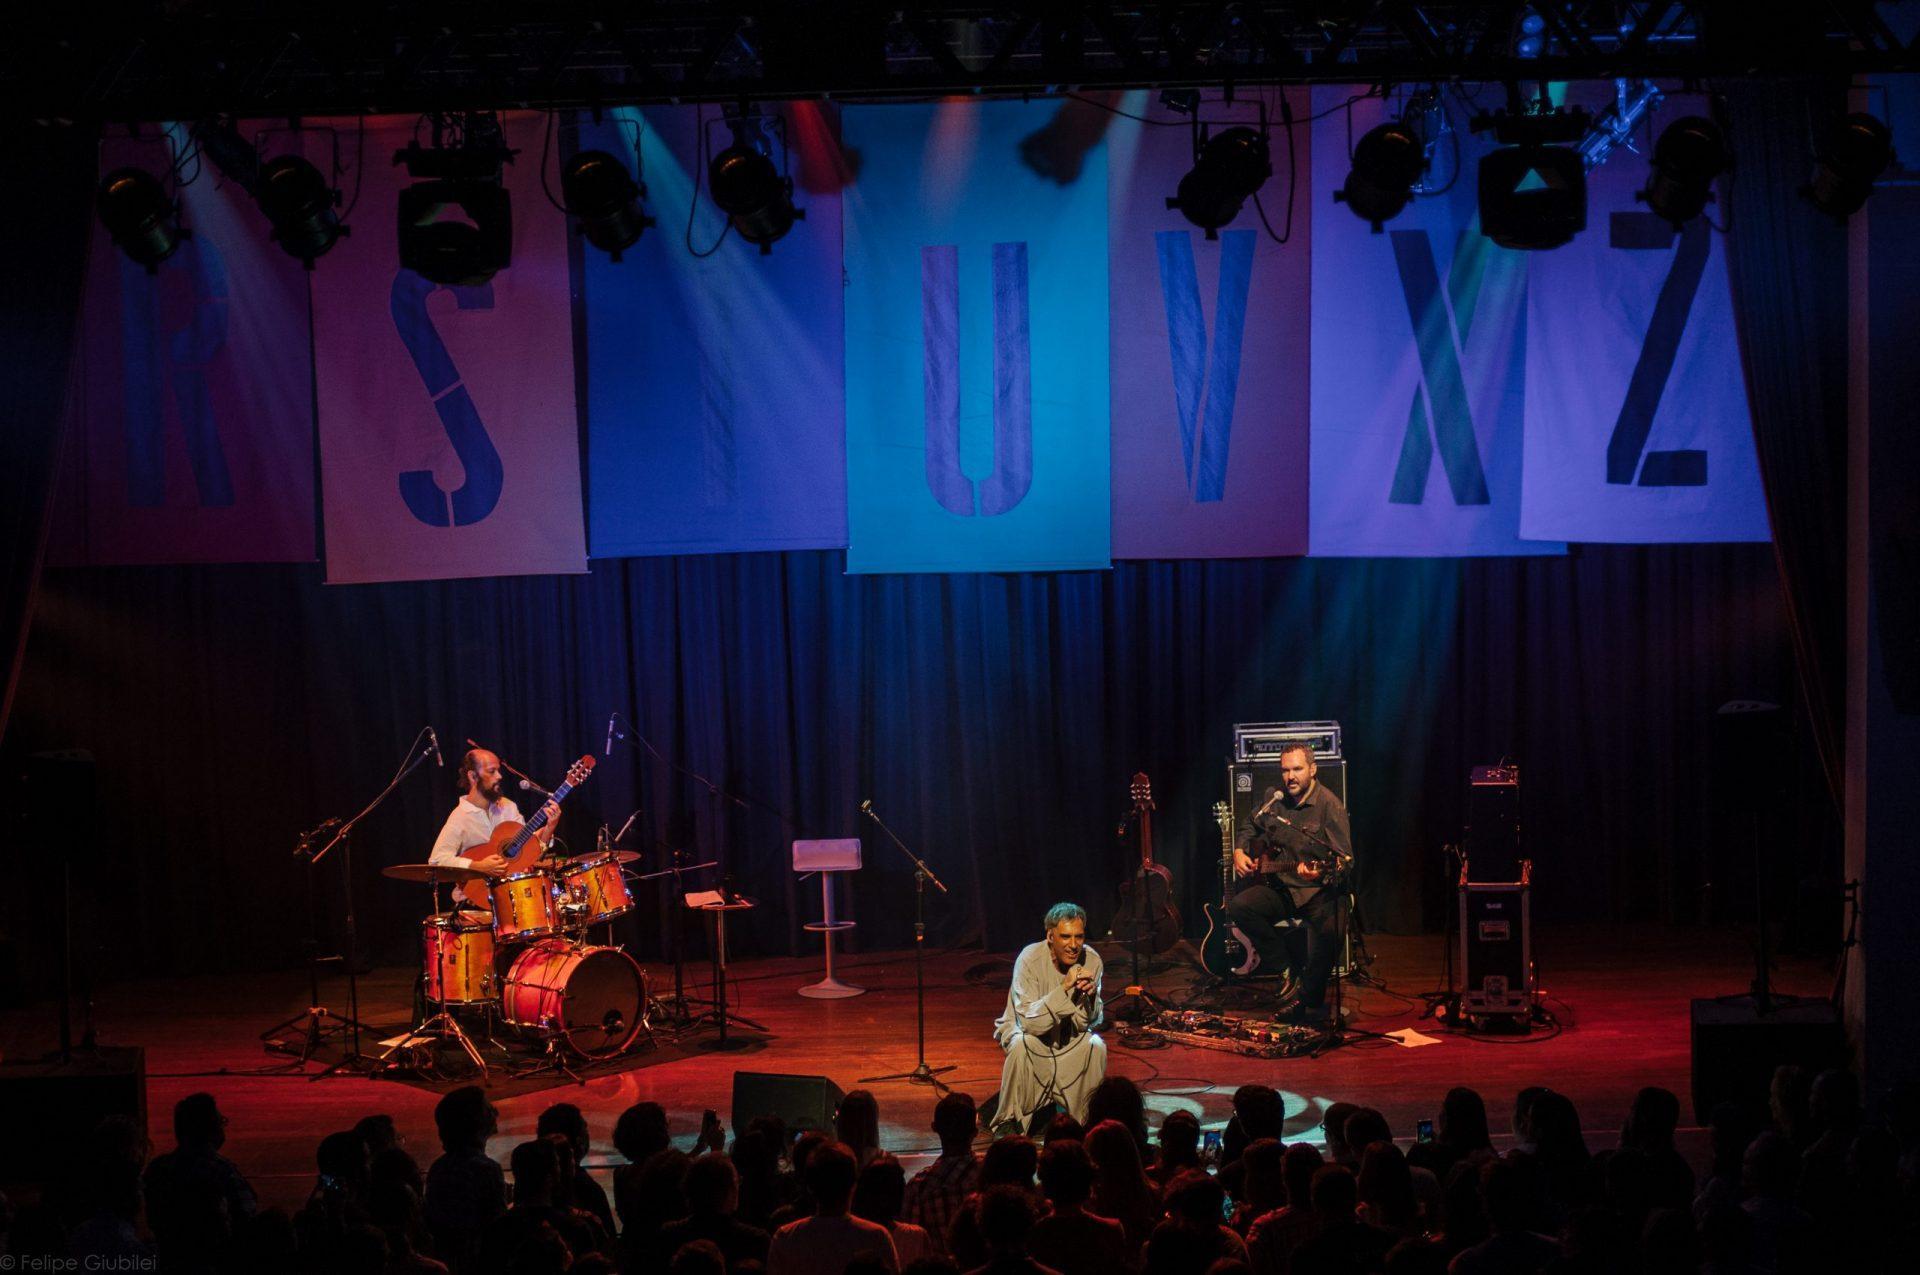 Imagem 8 do Evento Arnaldo Antunes no show Rstuvxz trio